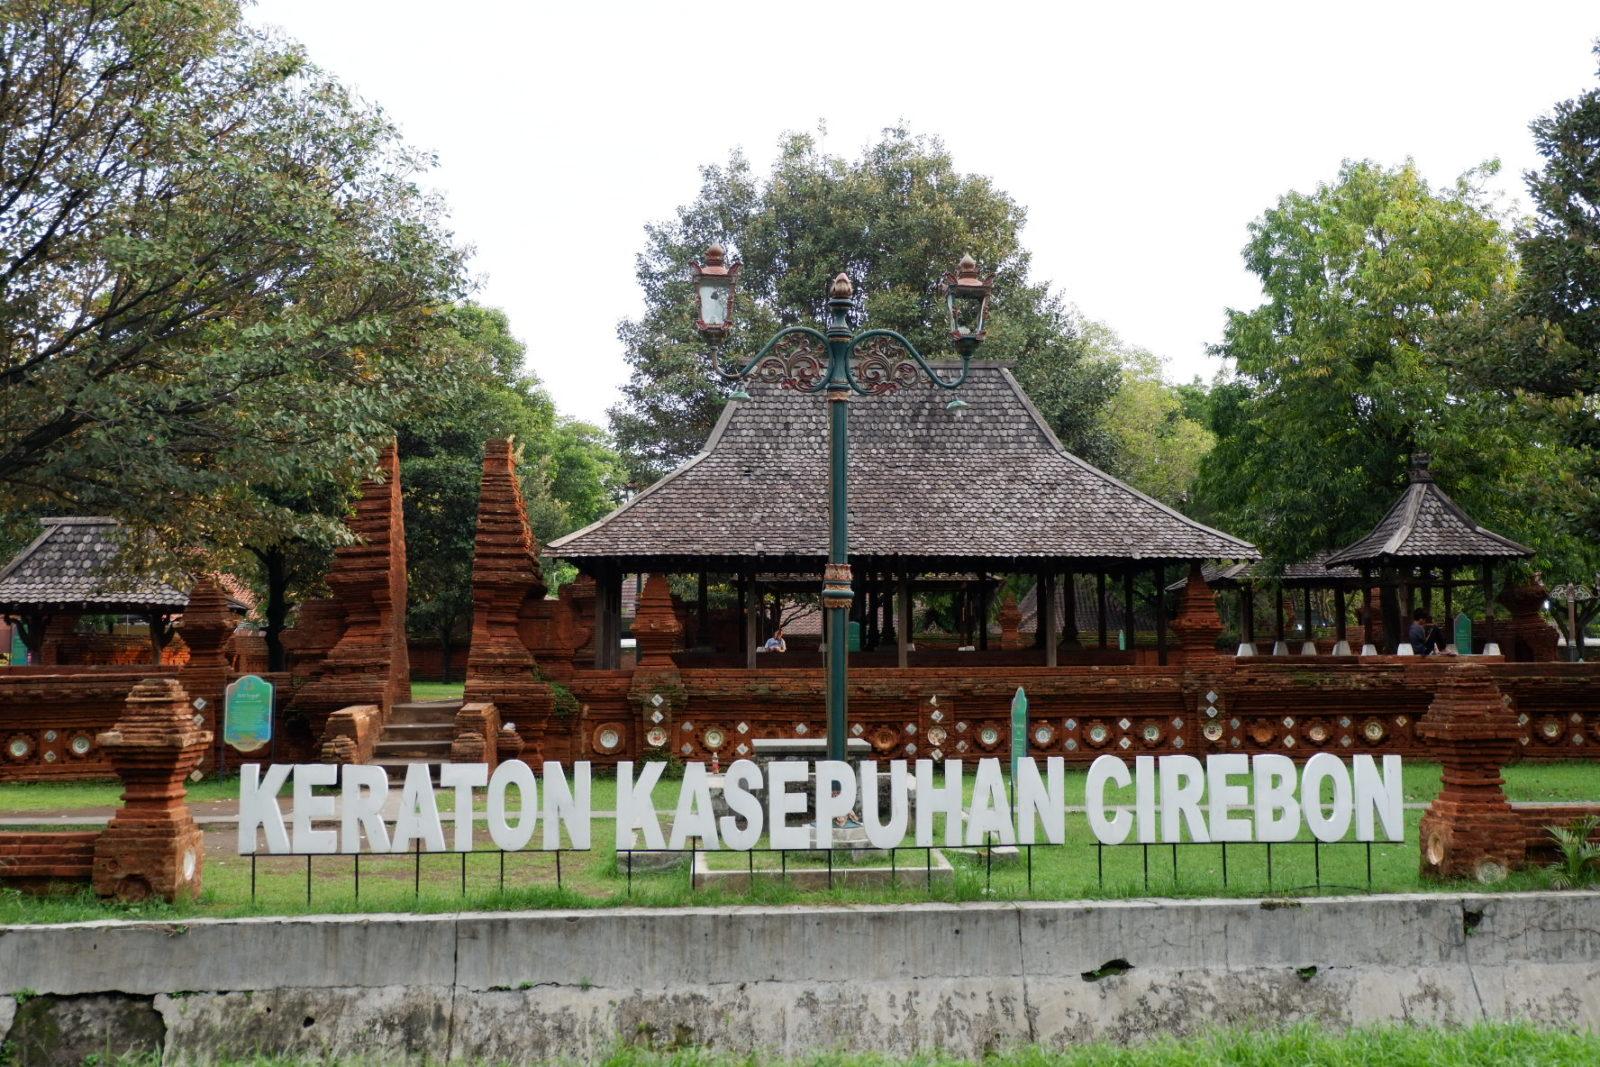 Keraton Kasepuhan Cirebon Tiket & Keunikan November 2020 - TravelsPromo